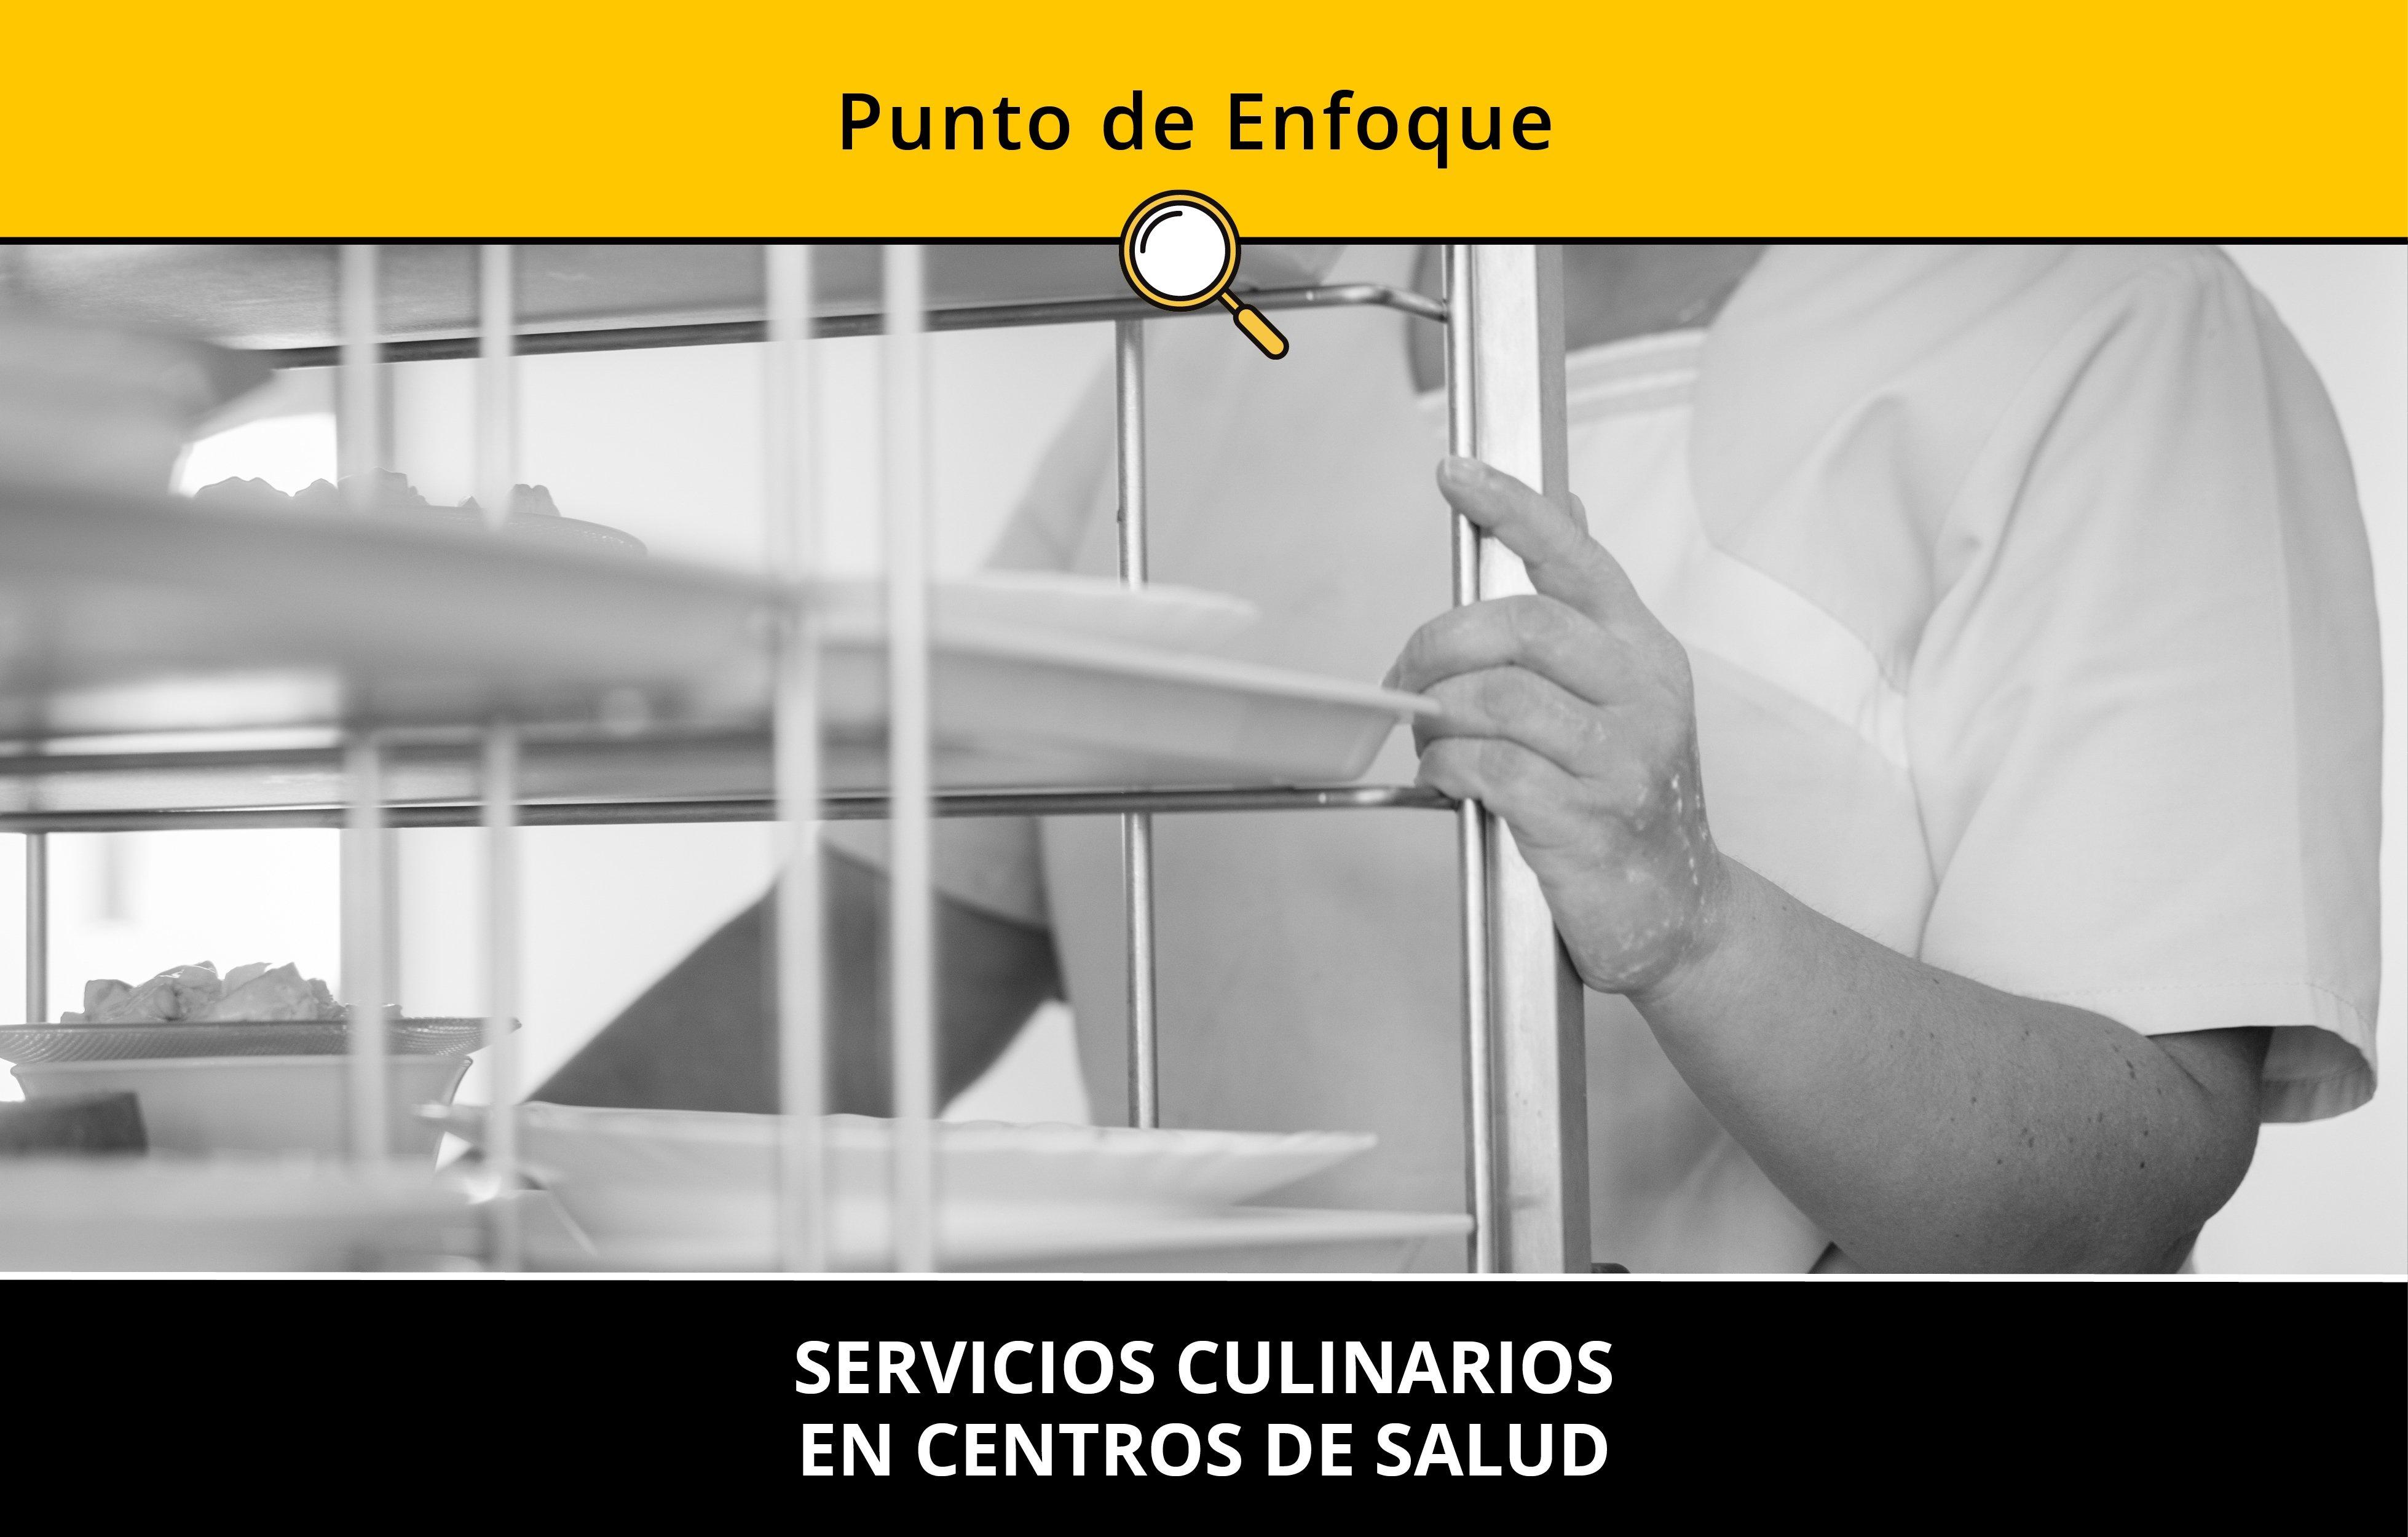 Servicios culinarios en centros de salud